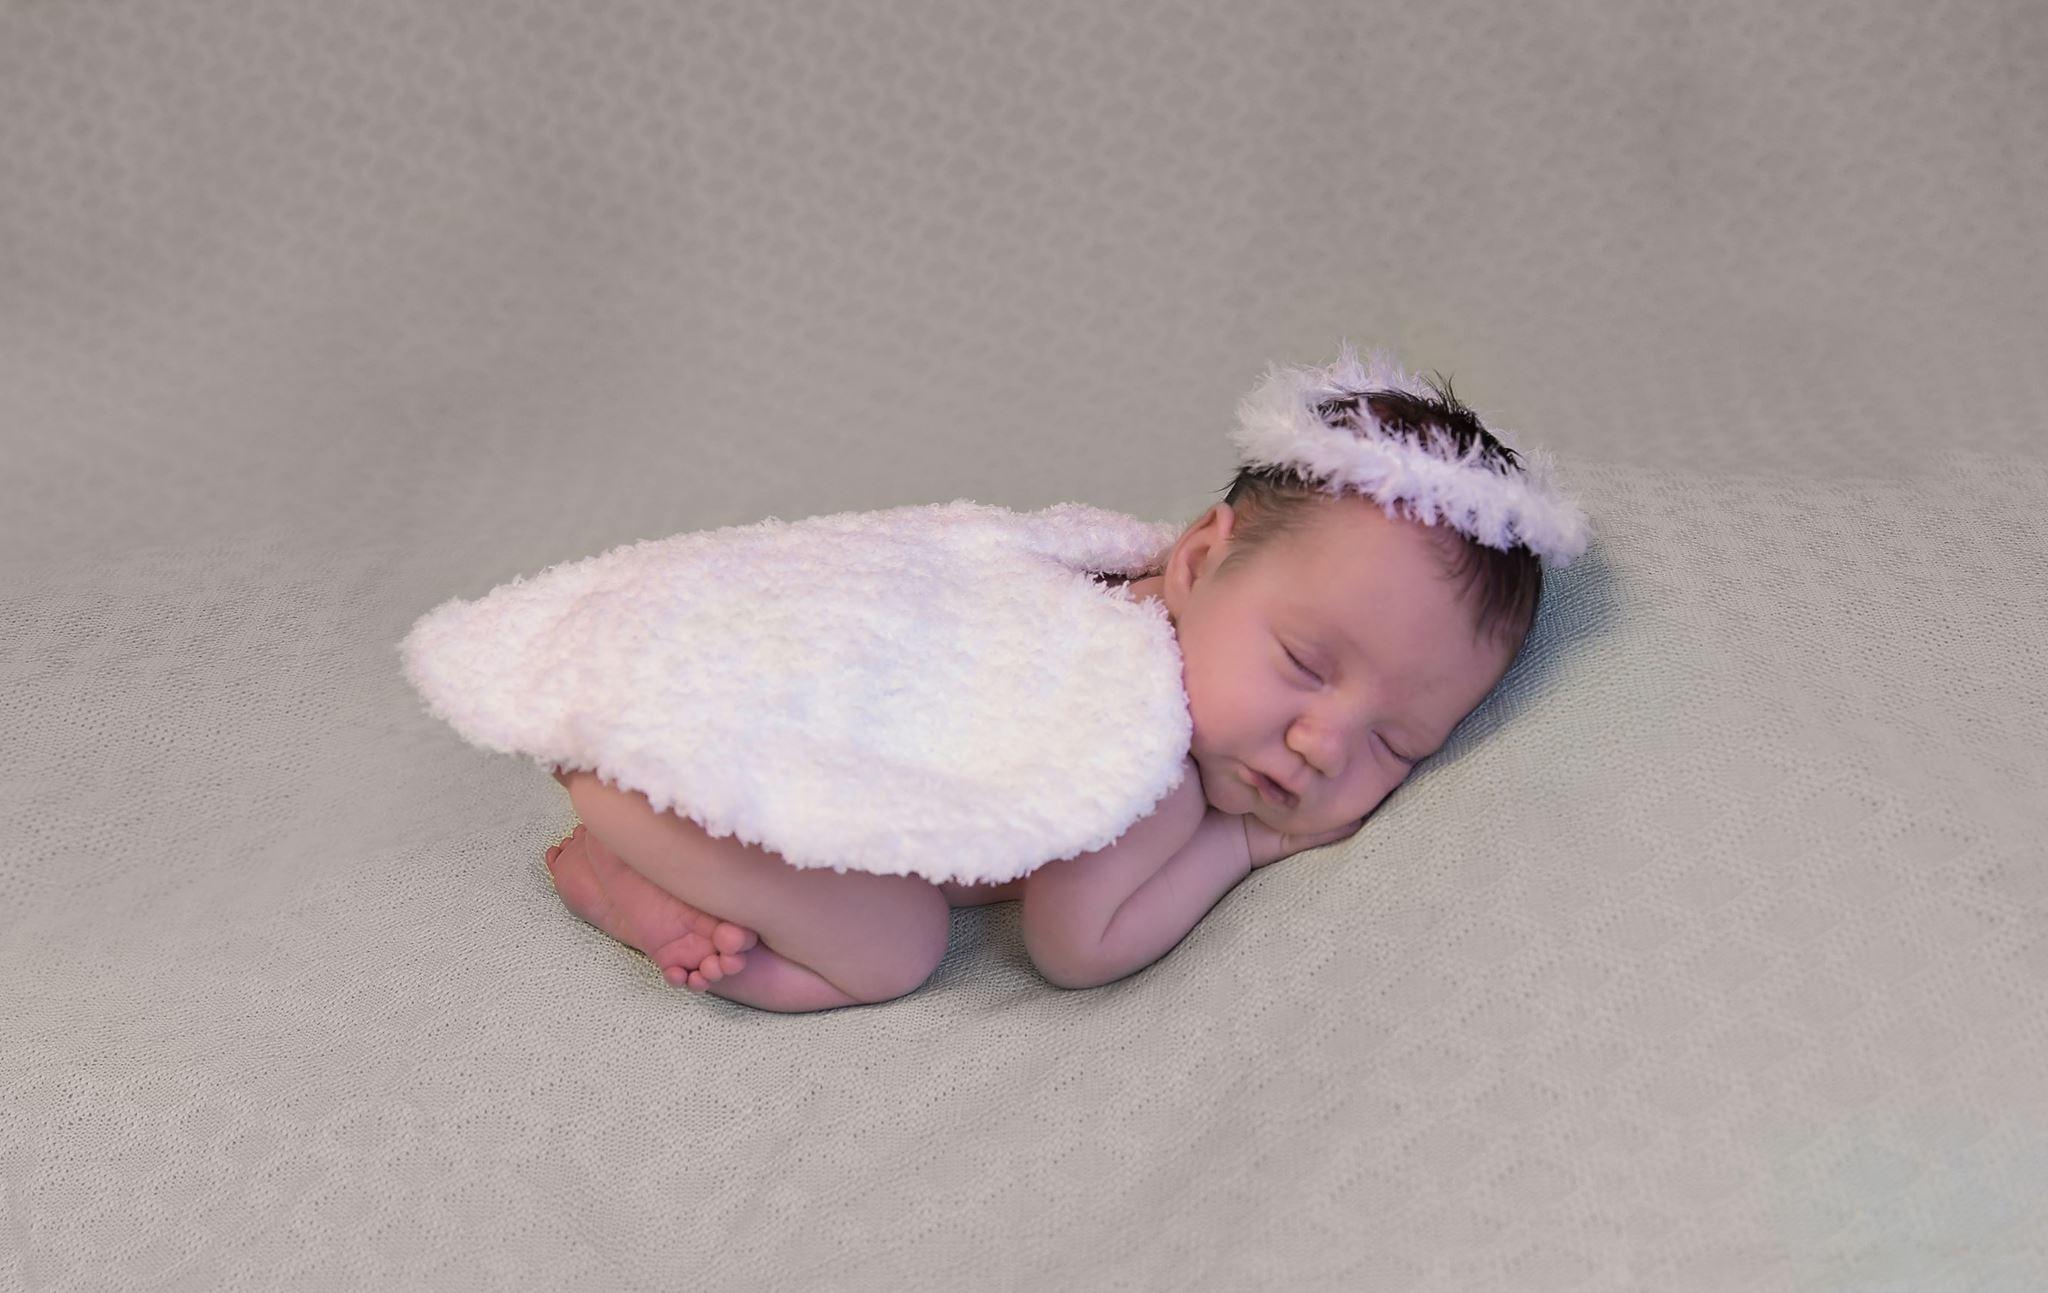 Free Crochet Pattern For Baby Angel Wings : Newborn Angel Wings and Halo Free Crochet Pattern ...